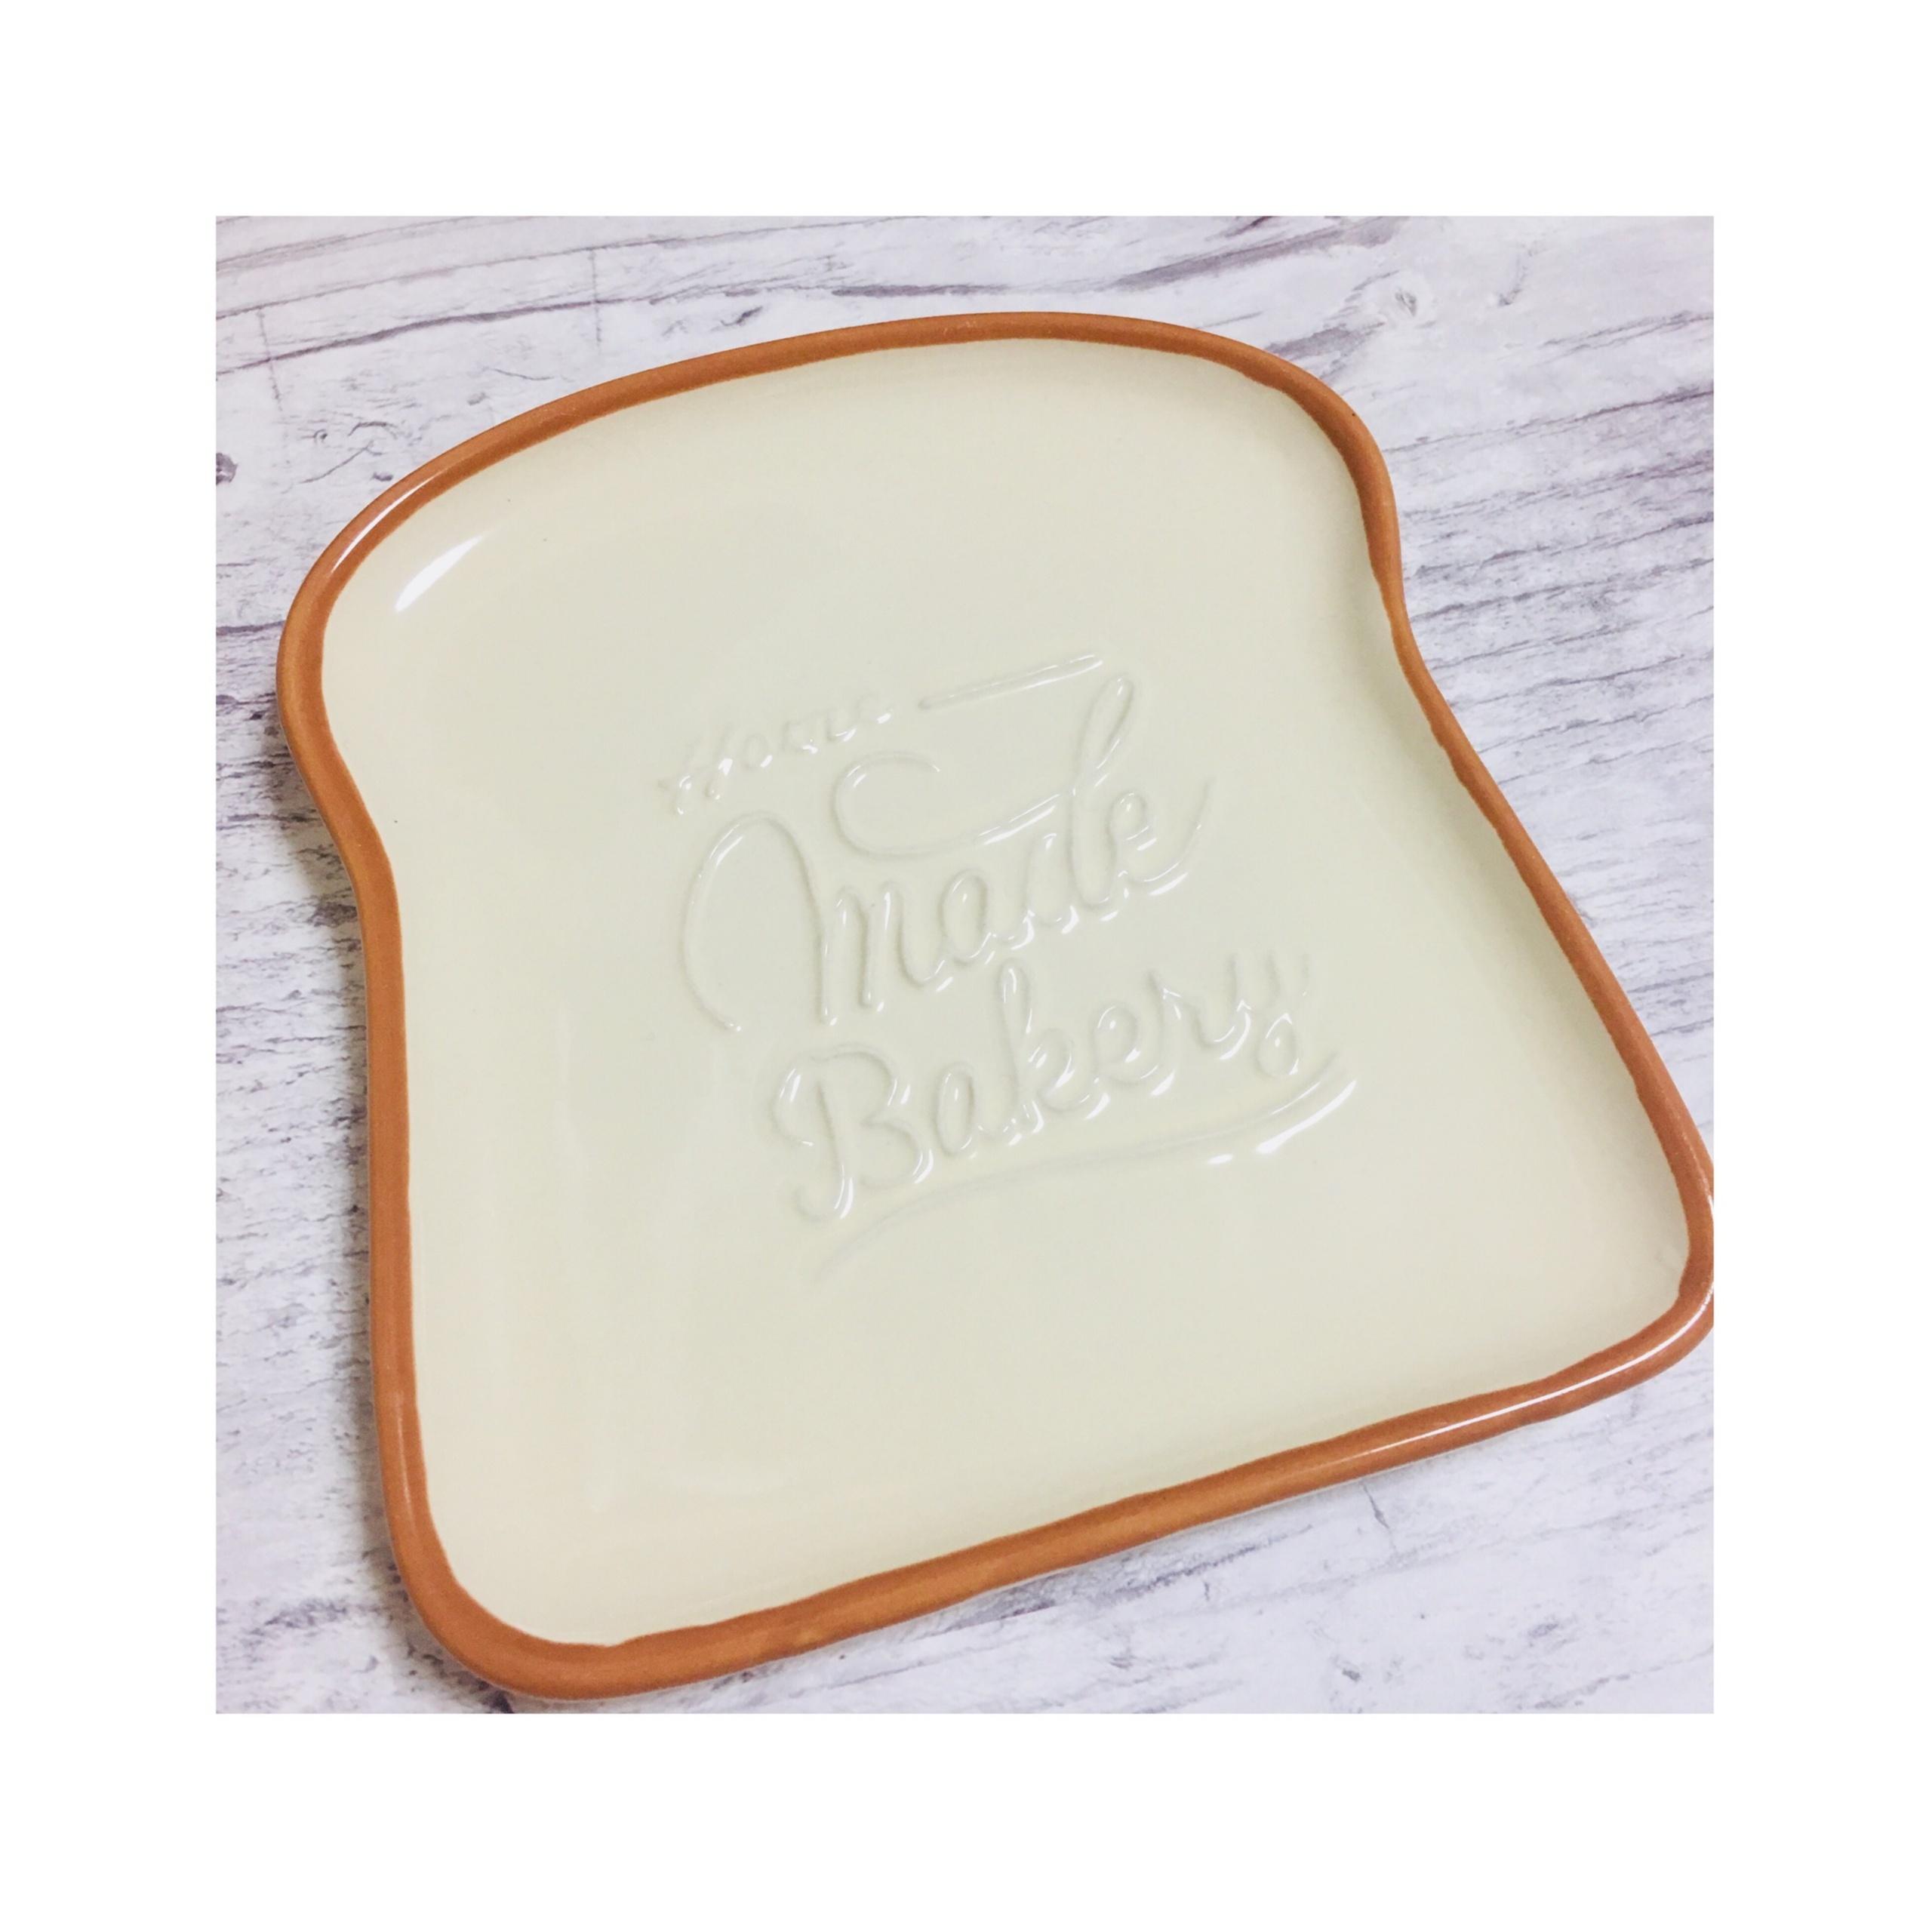 《可愛すぎると話題!》【DAISO】のパンモチーフ皿¥108でたのしくおうちカフェ❤️_2